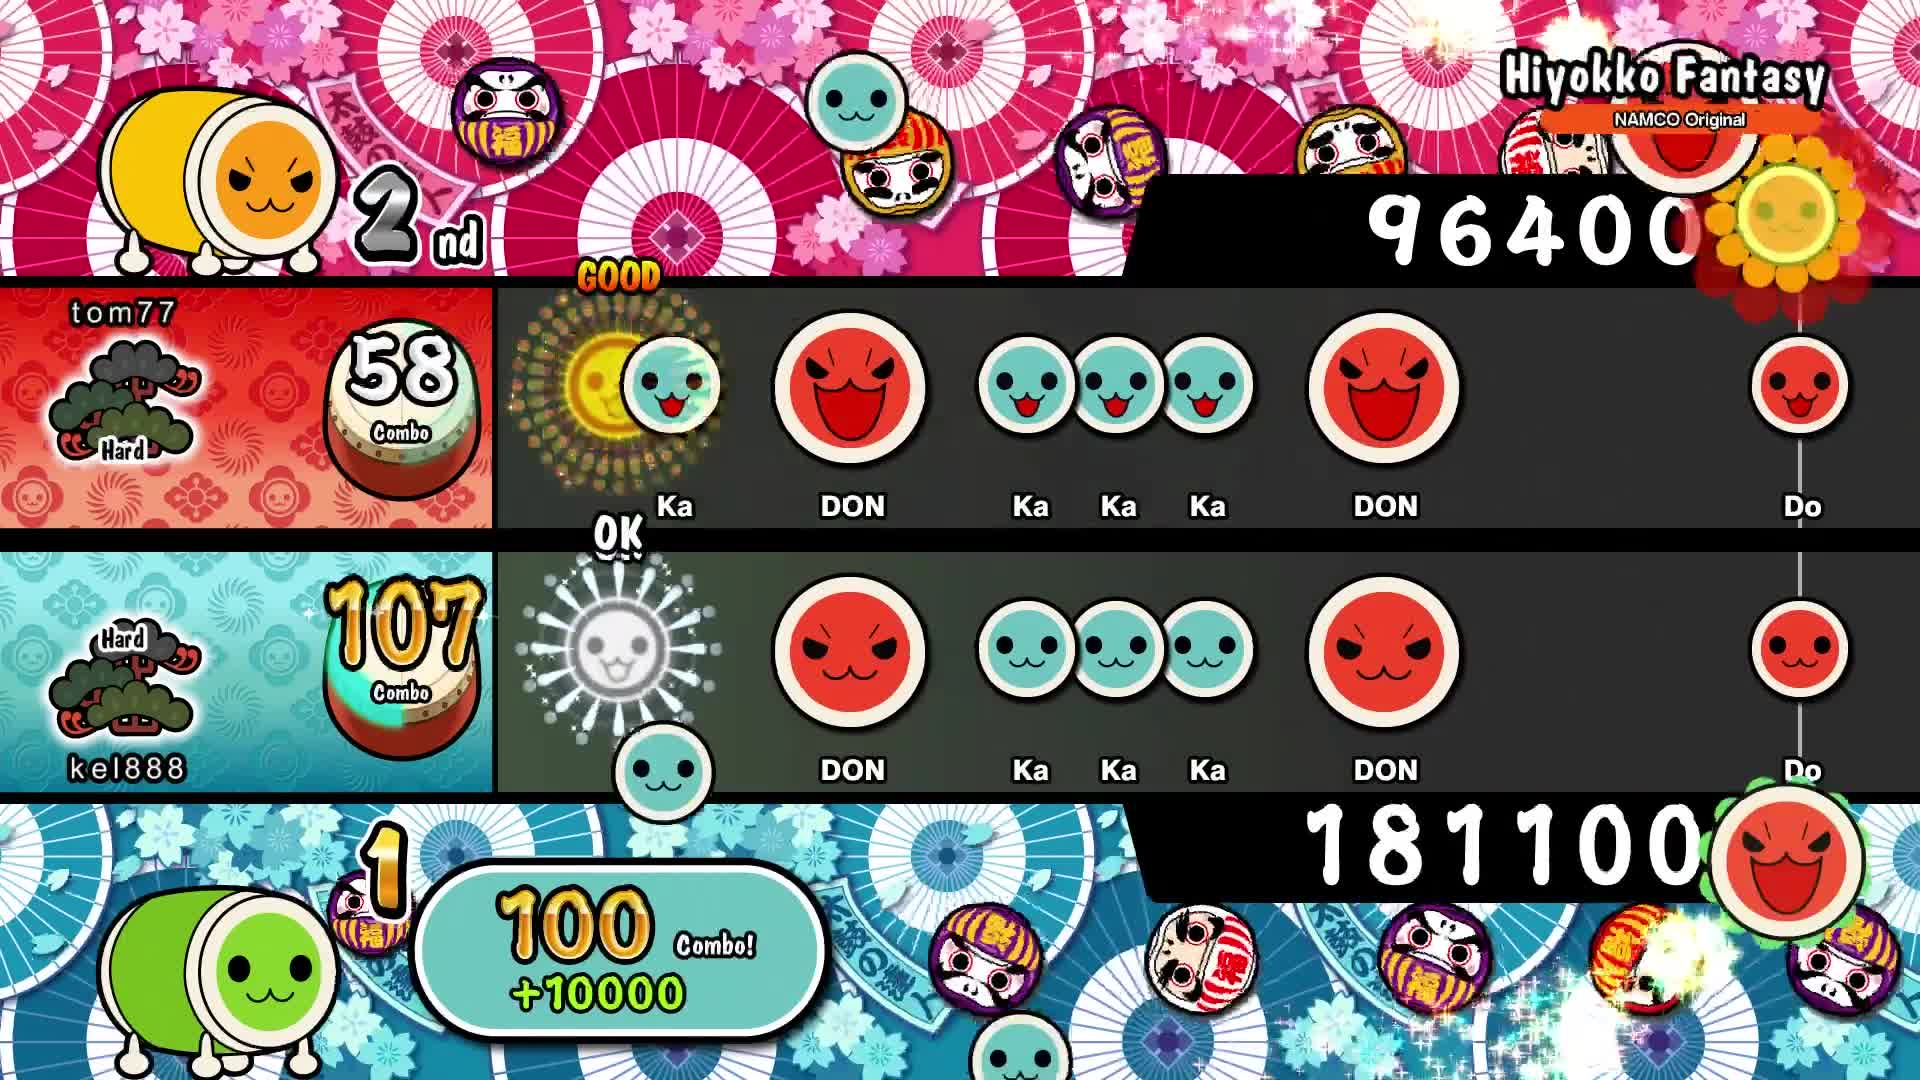 Taiko No Tatsujin Drum N Fun Bundle Inkl Trommel Exklusiv Bei Nintendo Switch Games